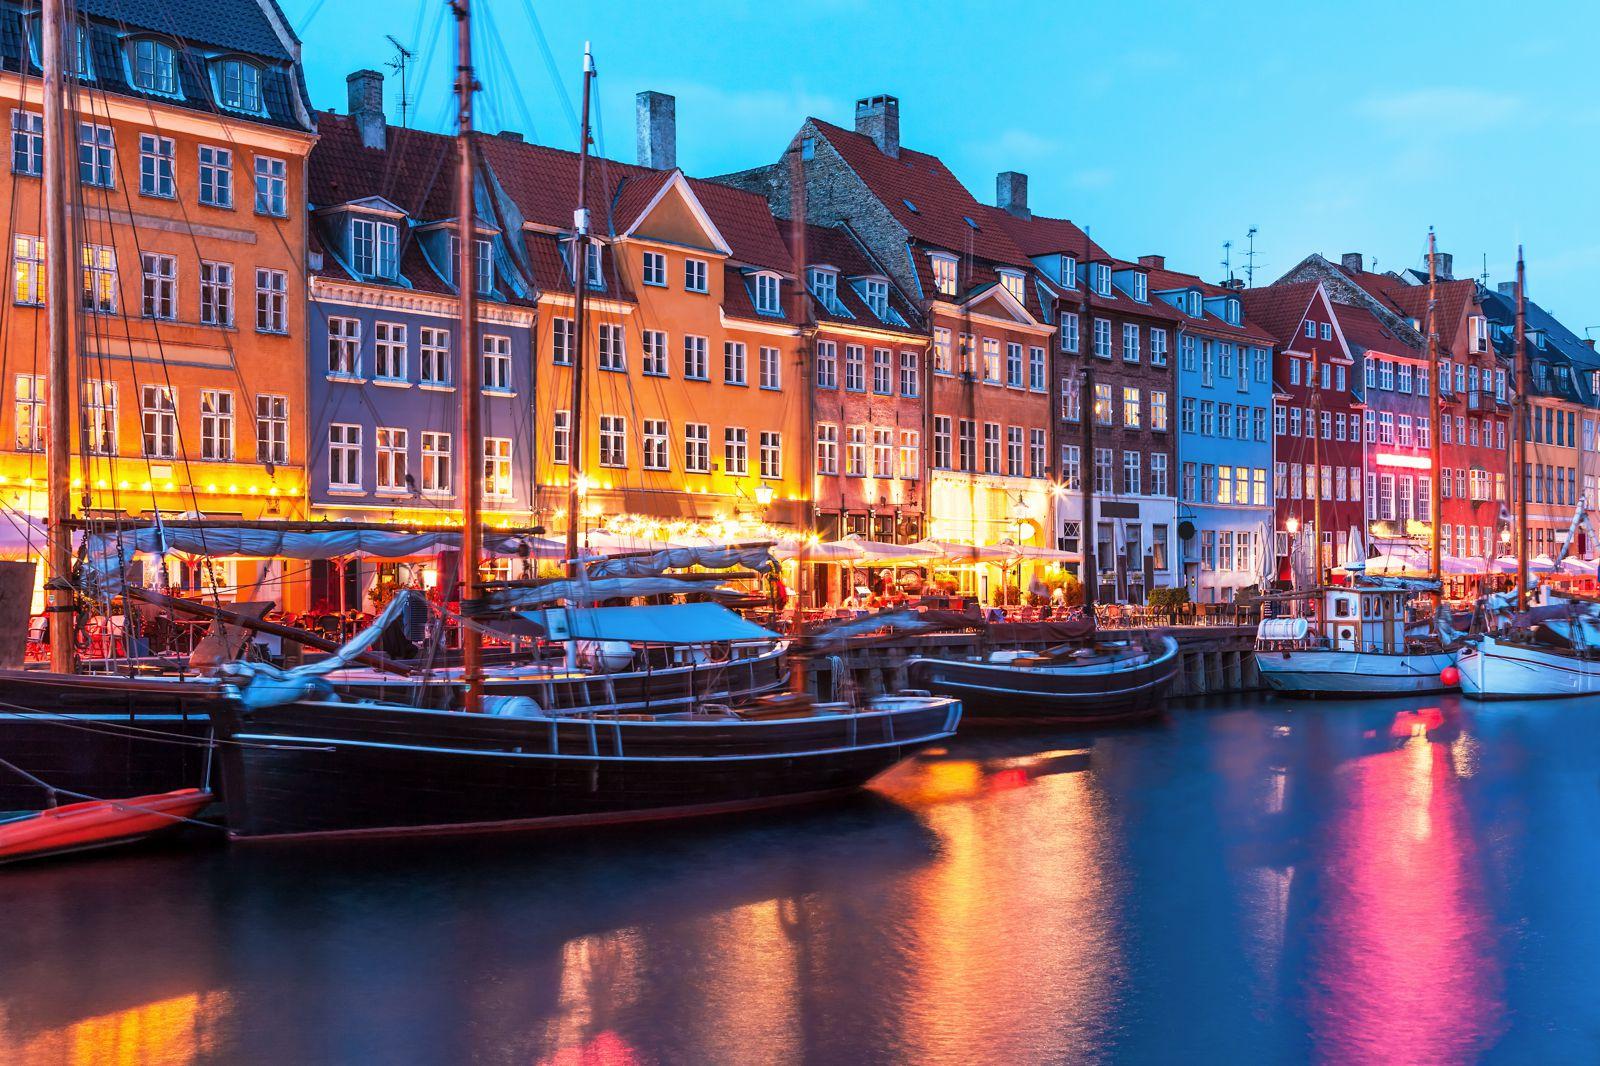 Skrydziai i Kopenhaga